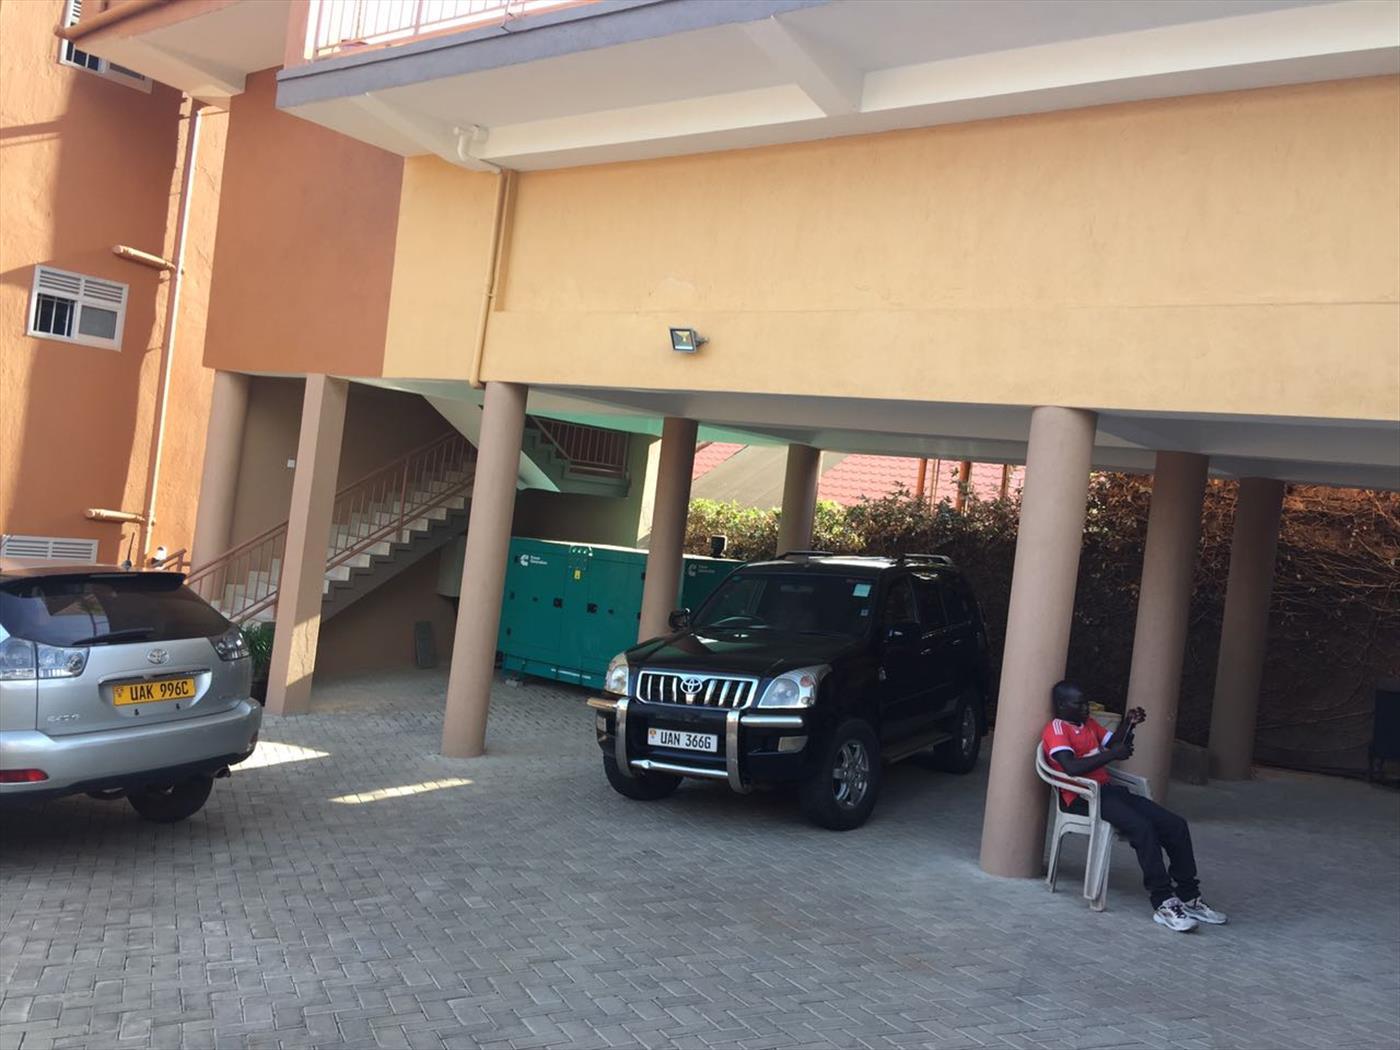 Parking lot